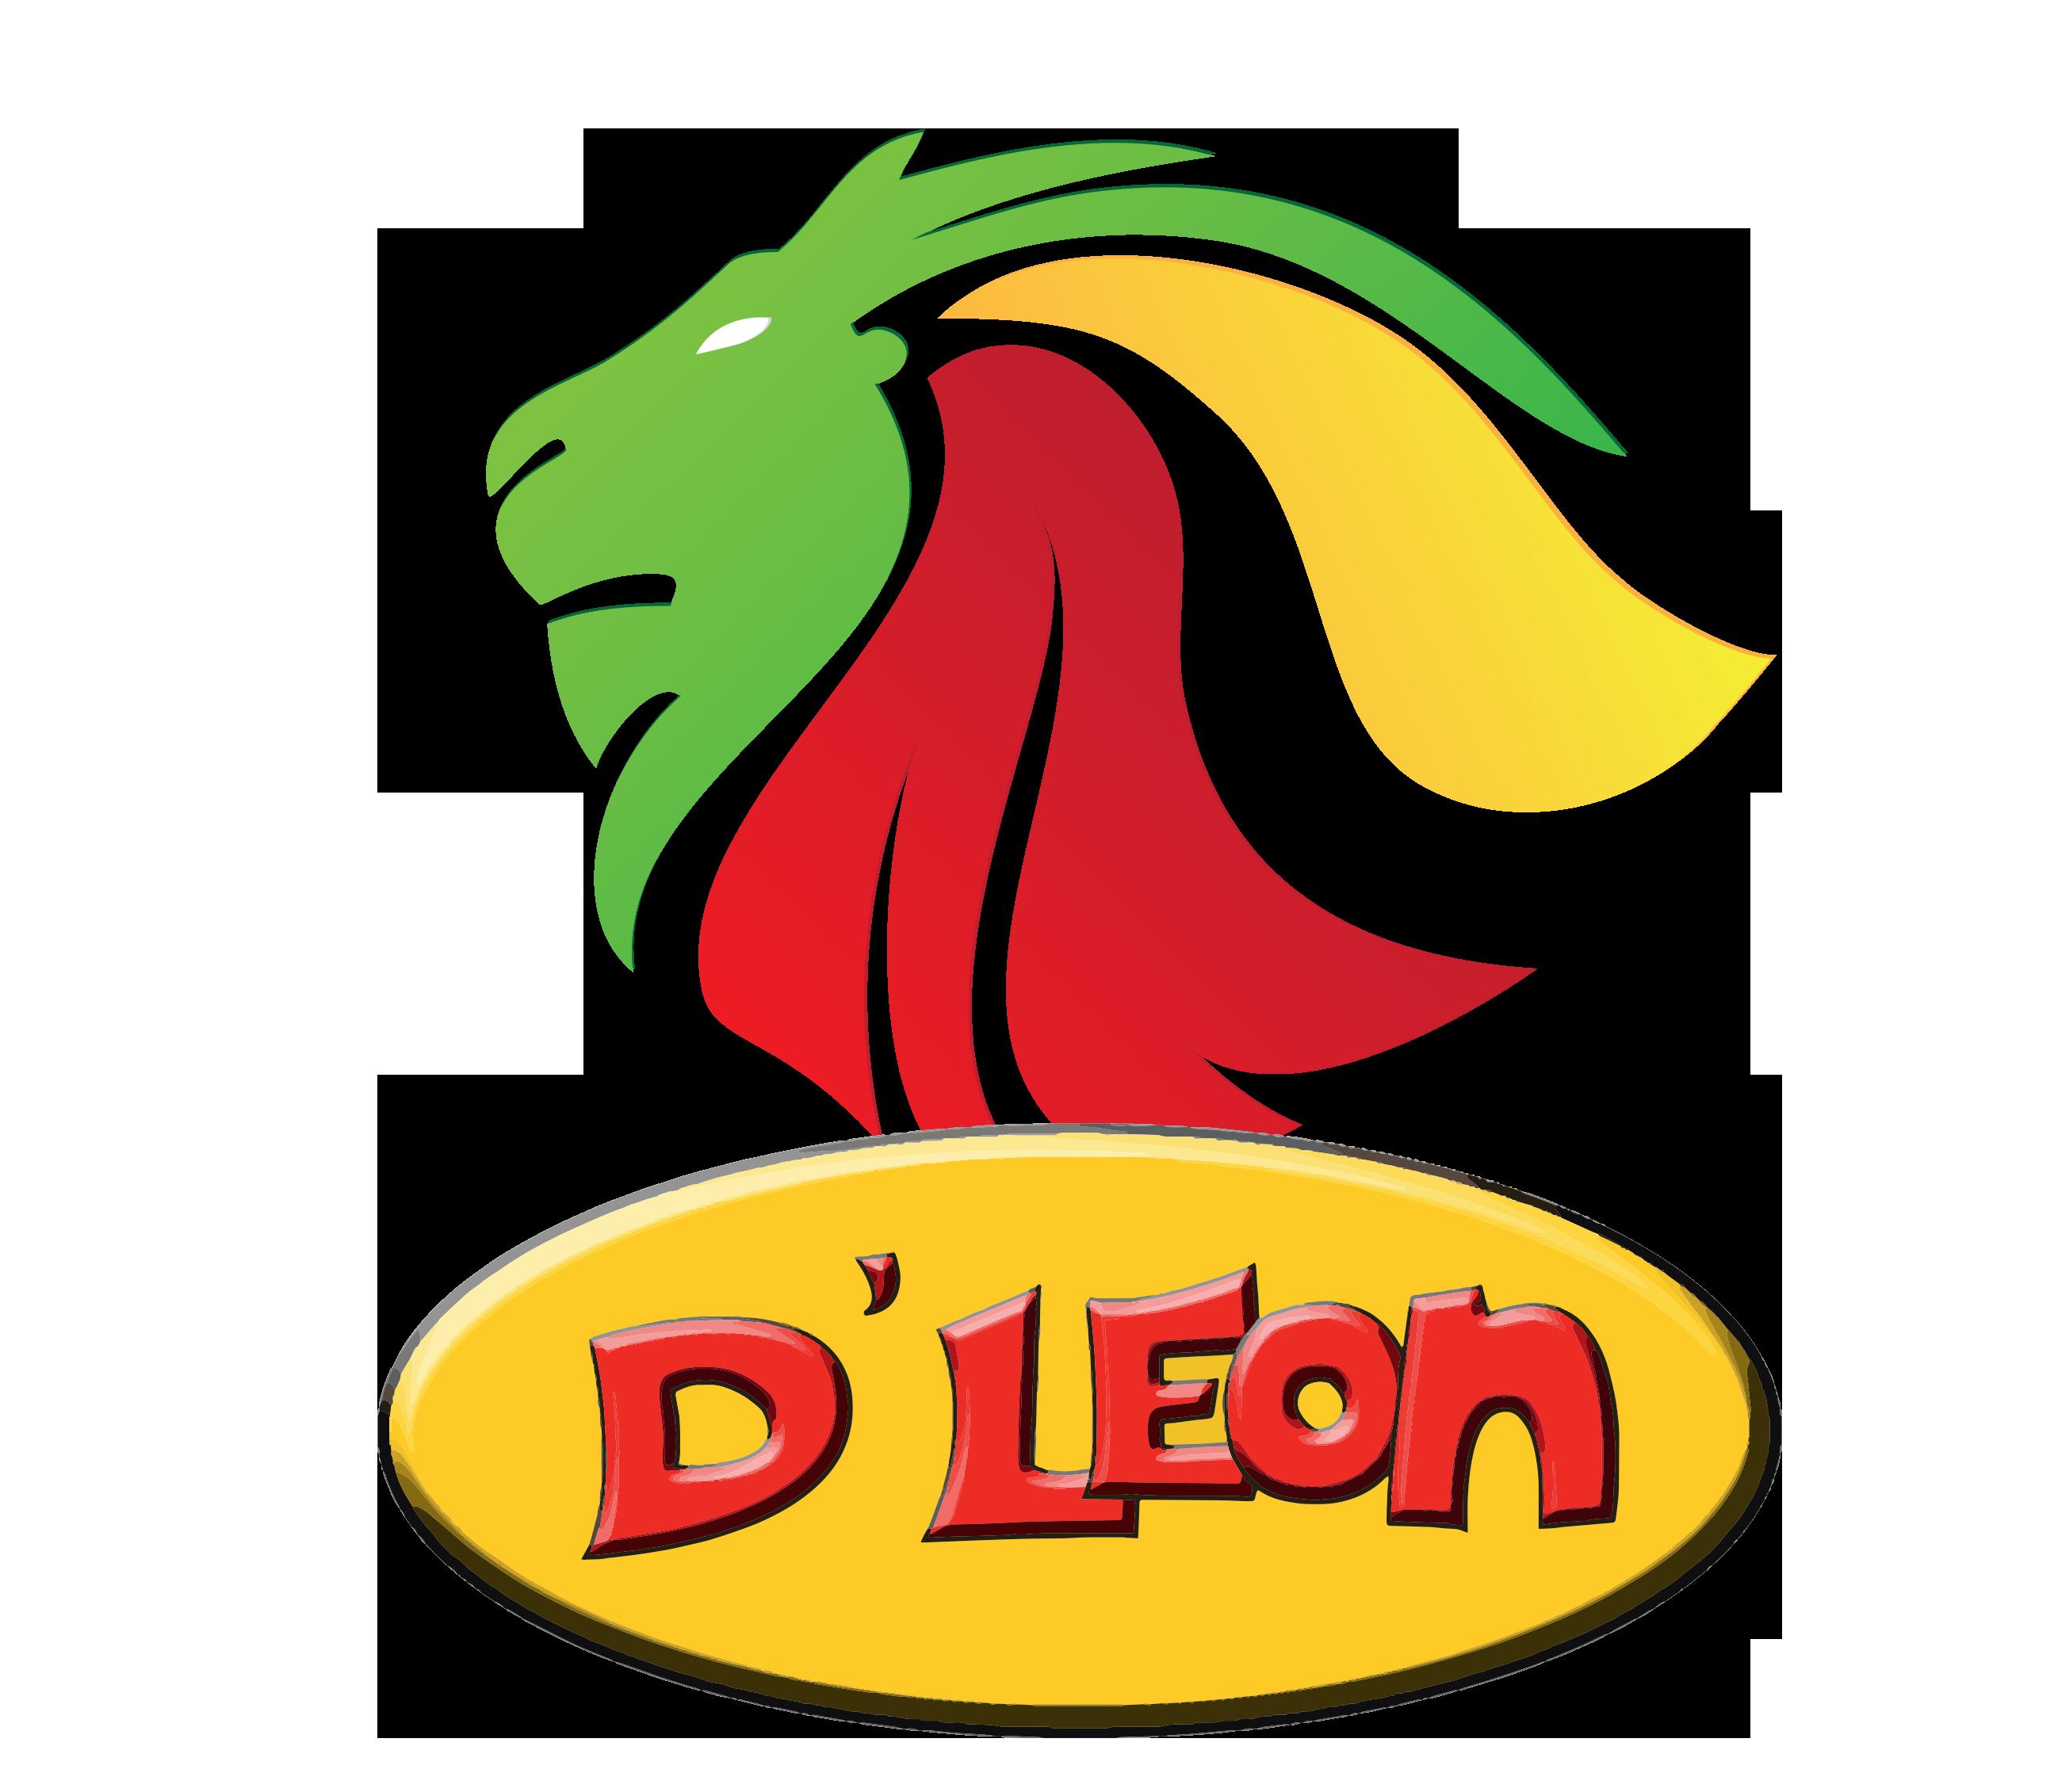 D'Leon